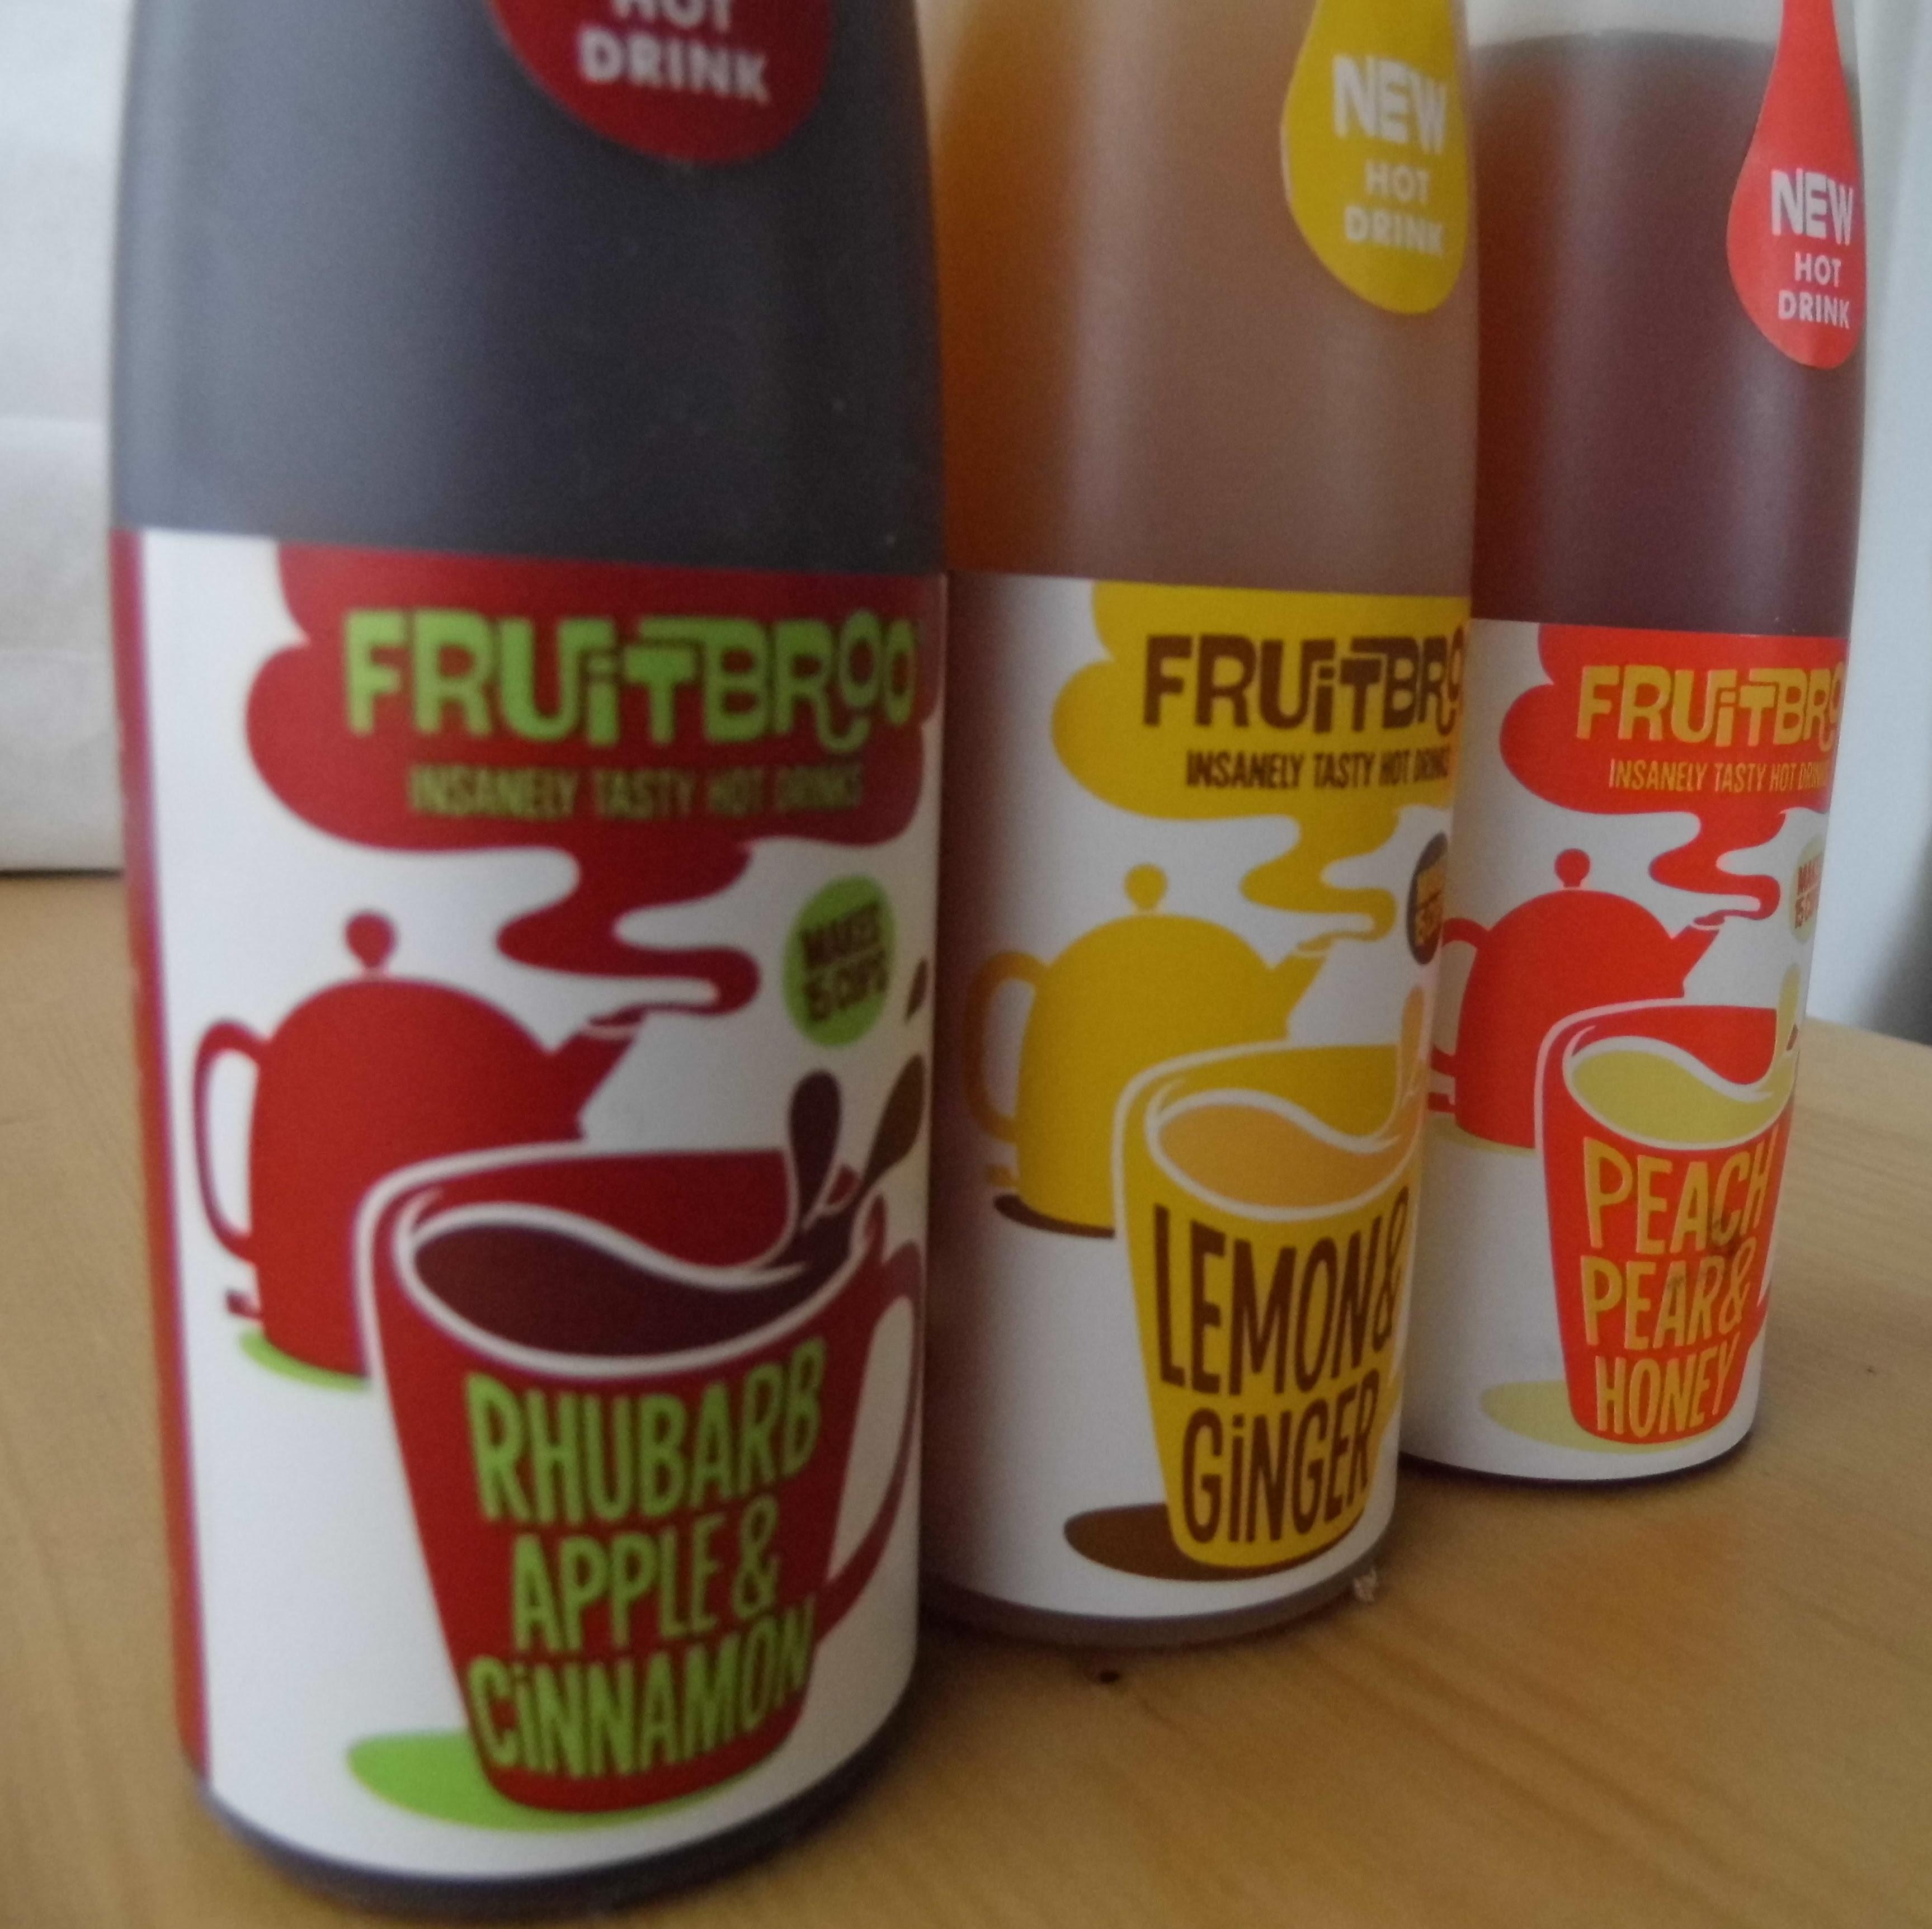 Fruitbroo Bottles